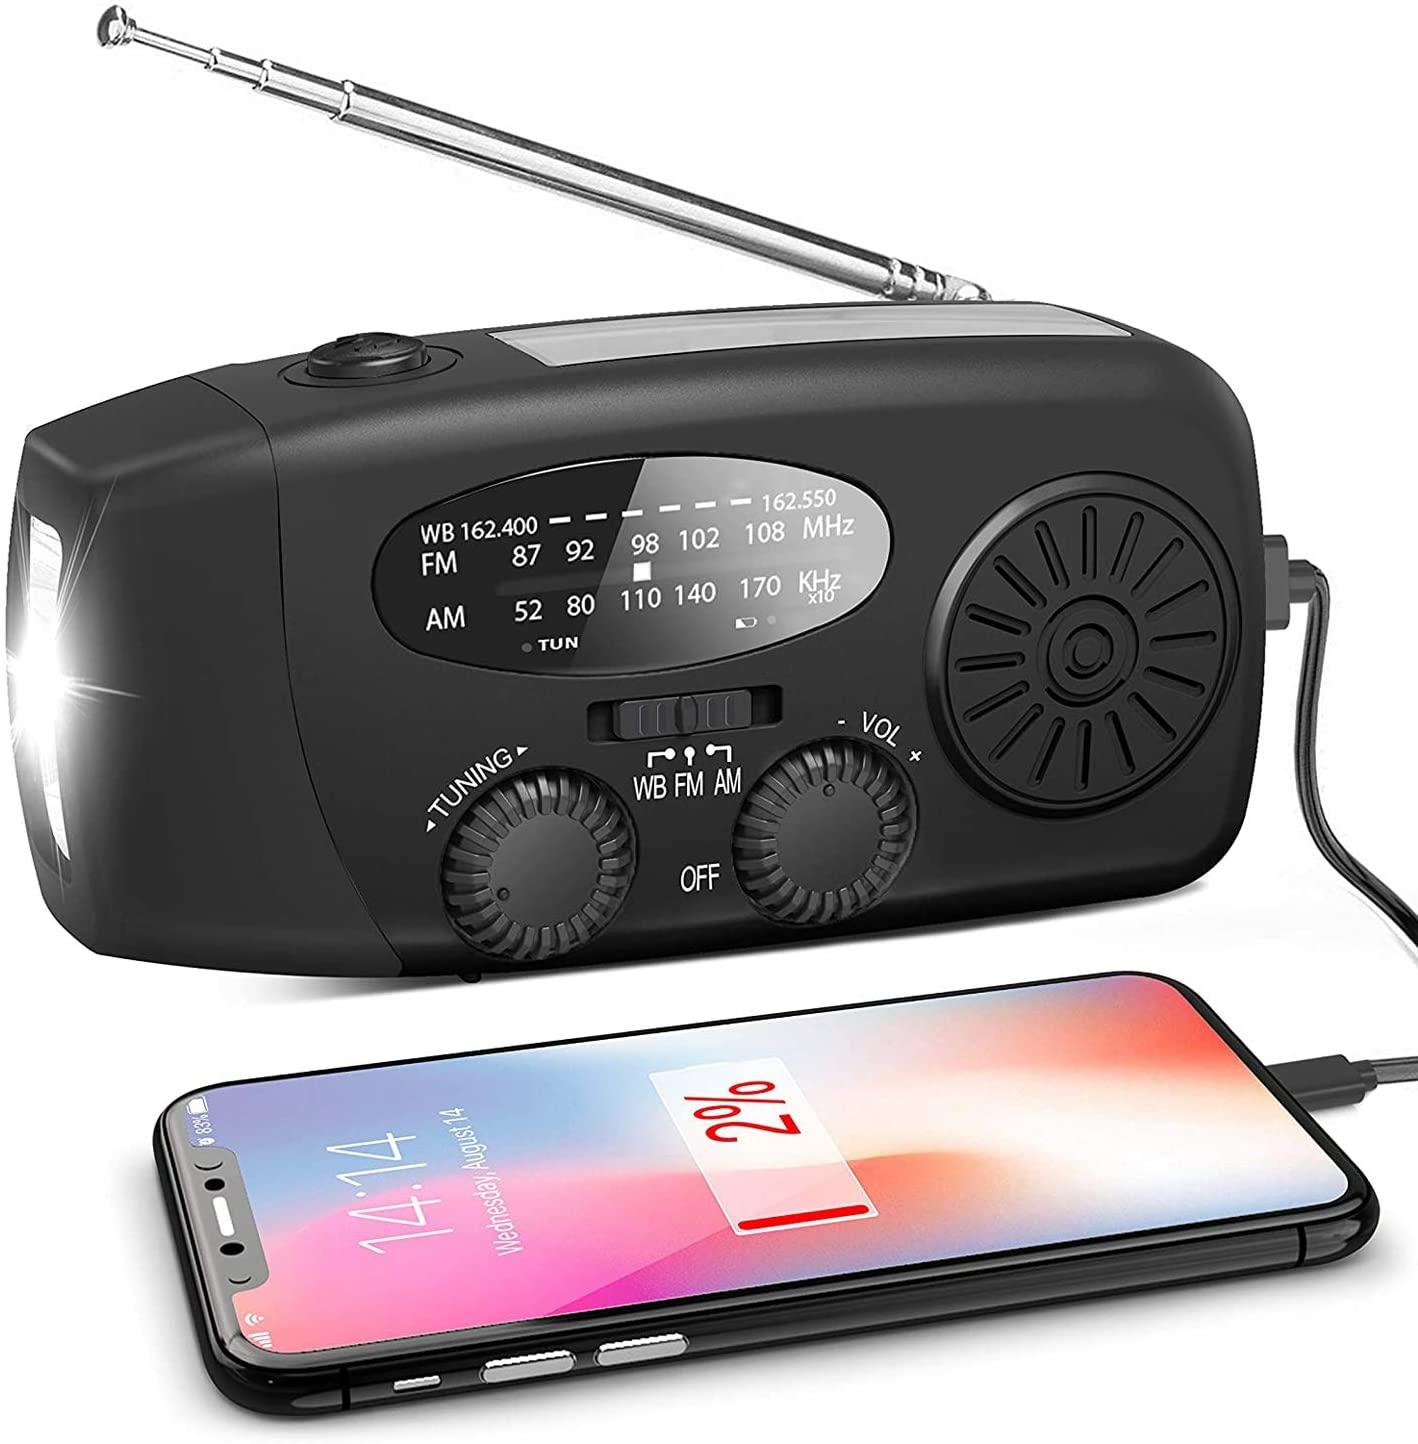 LIUDOU 날씨 라디오는 태양 라디오 비상 손으로 크랭크 자동 AM | FM 태양 지도된 플래쉬 등 1000MAH 비상 힘 은행 스마트폰